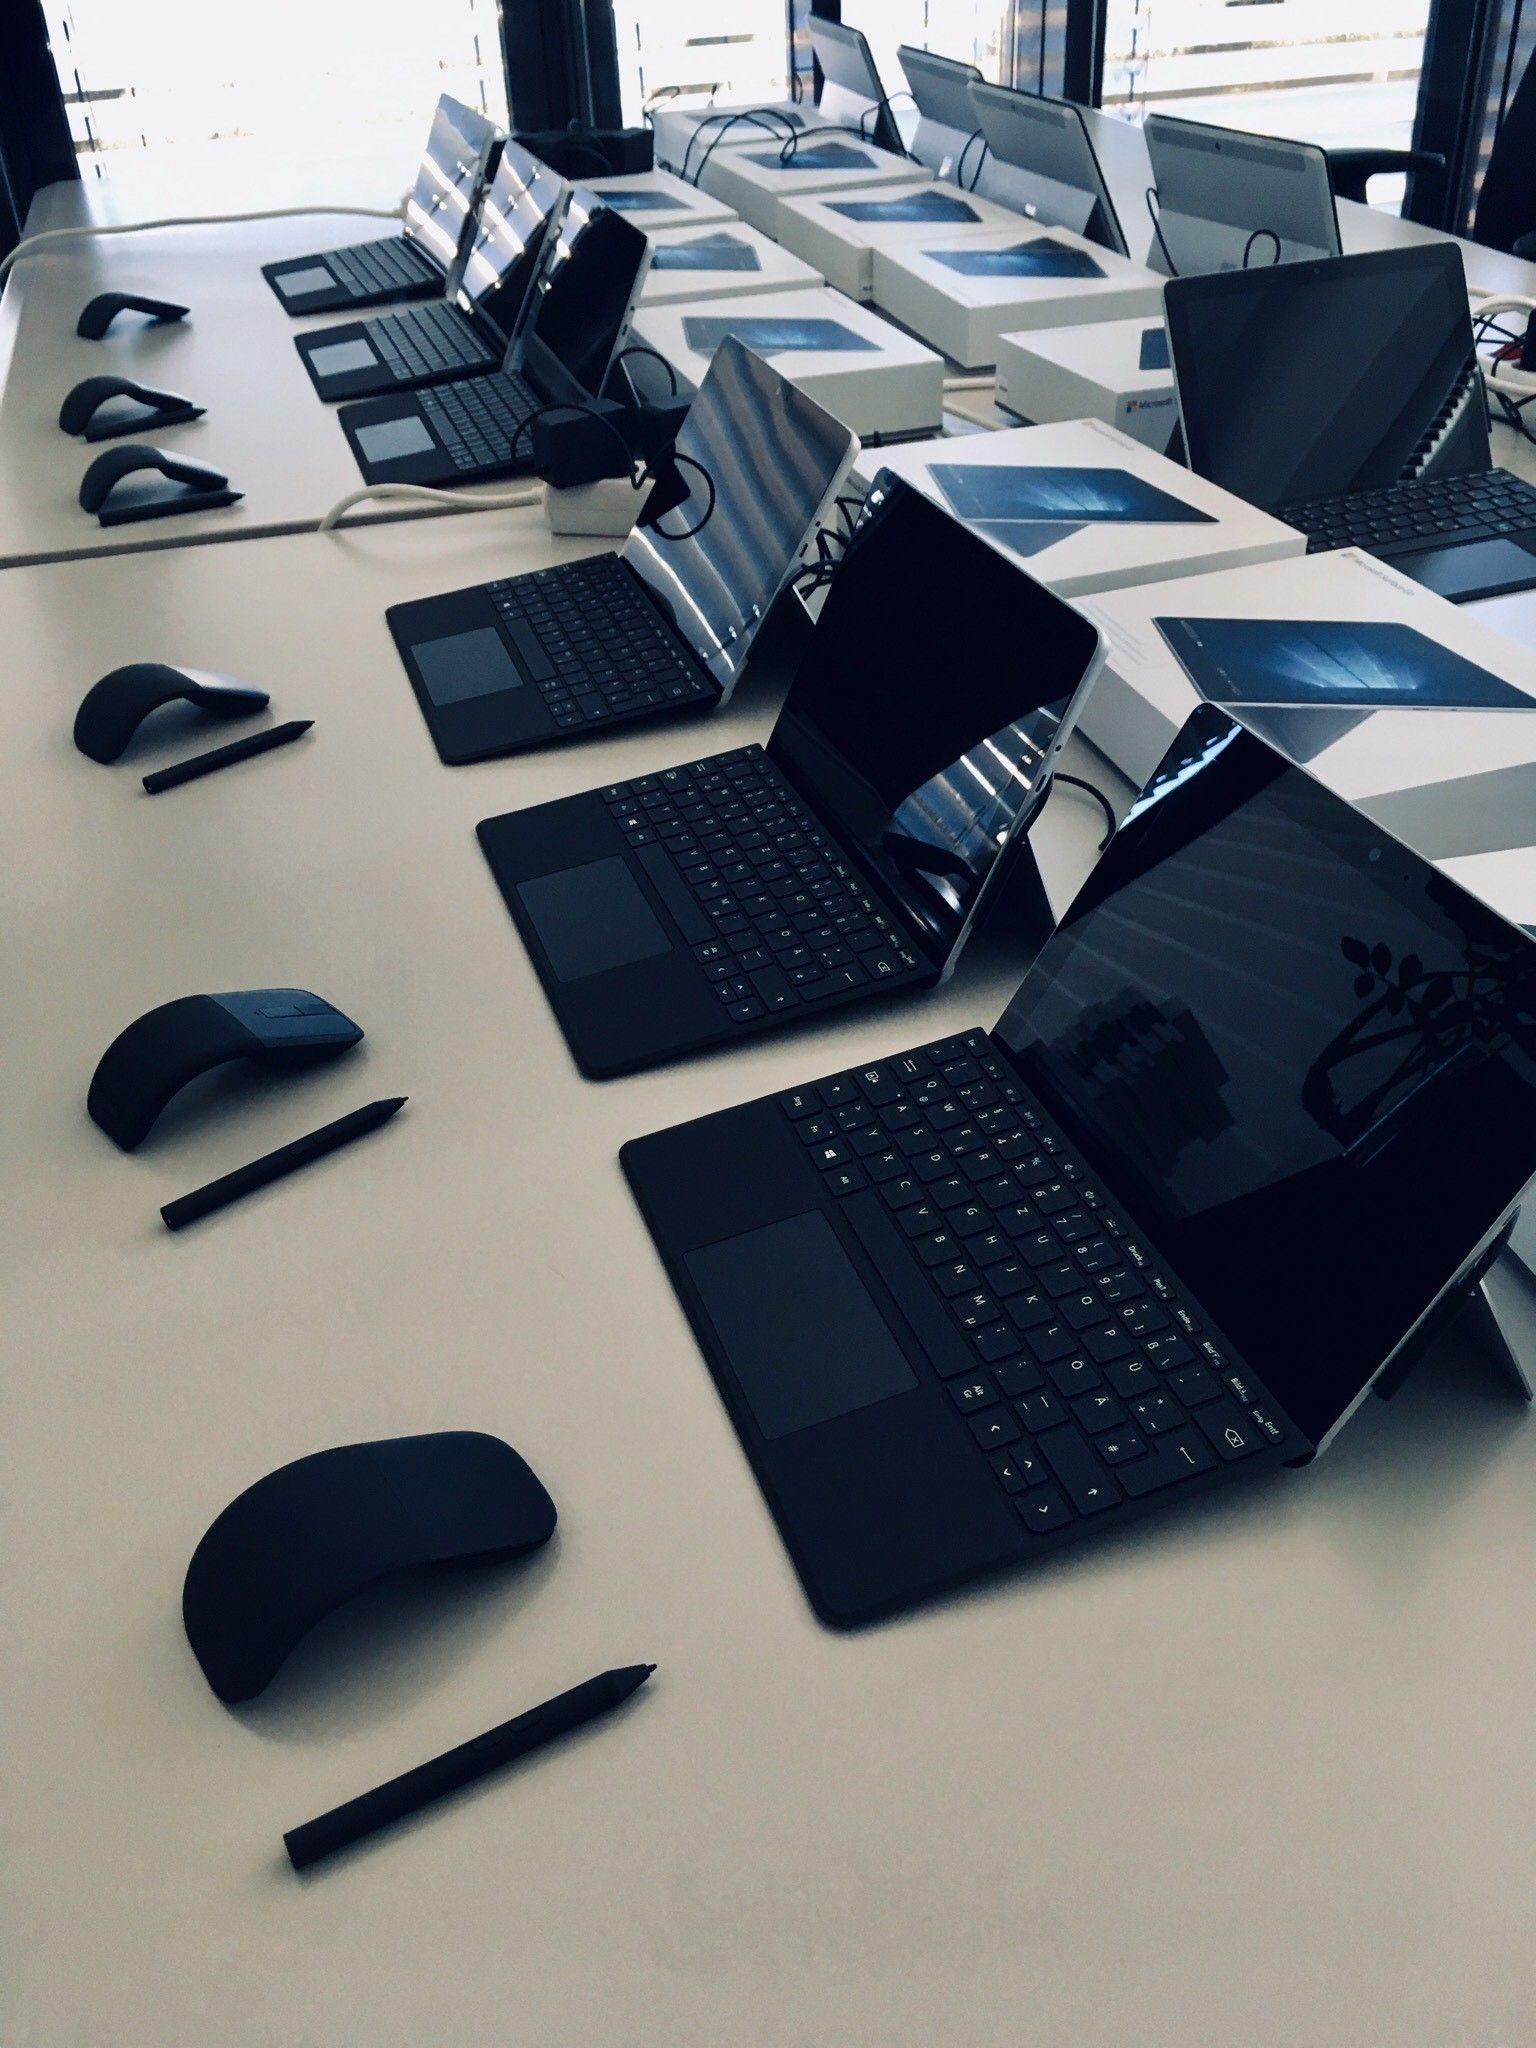 Elf Surface Go Devices inklusive Tastauren, Mäusen und Classroom Pen sind in einer Reihe auf Tischen platziert